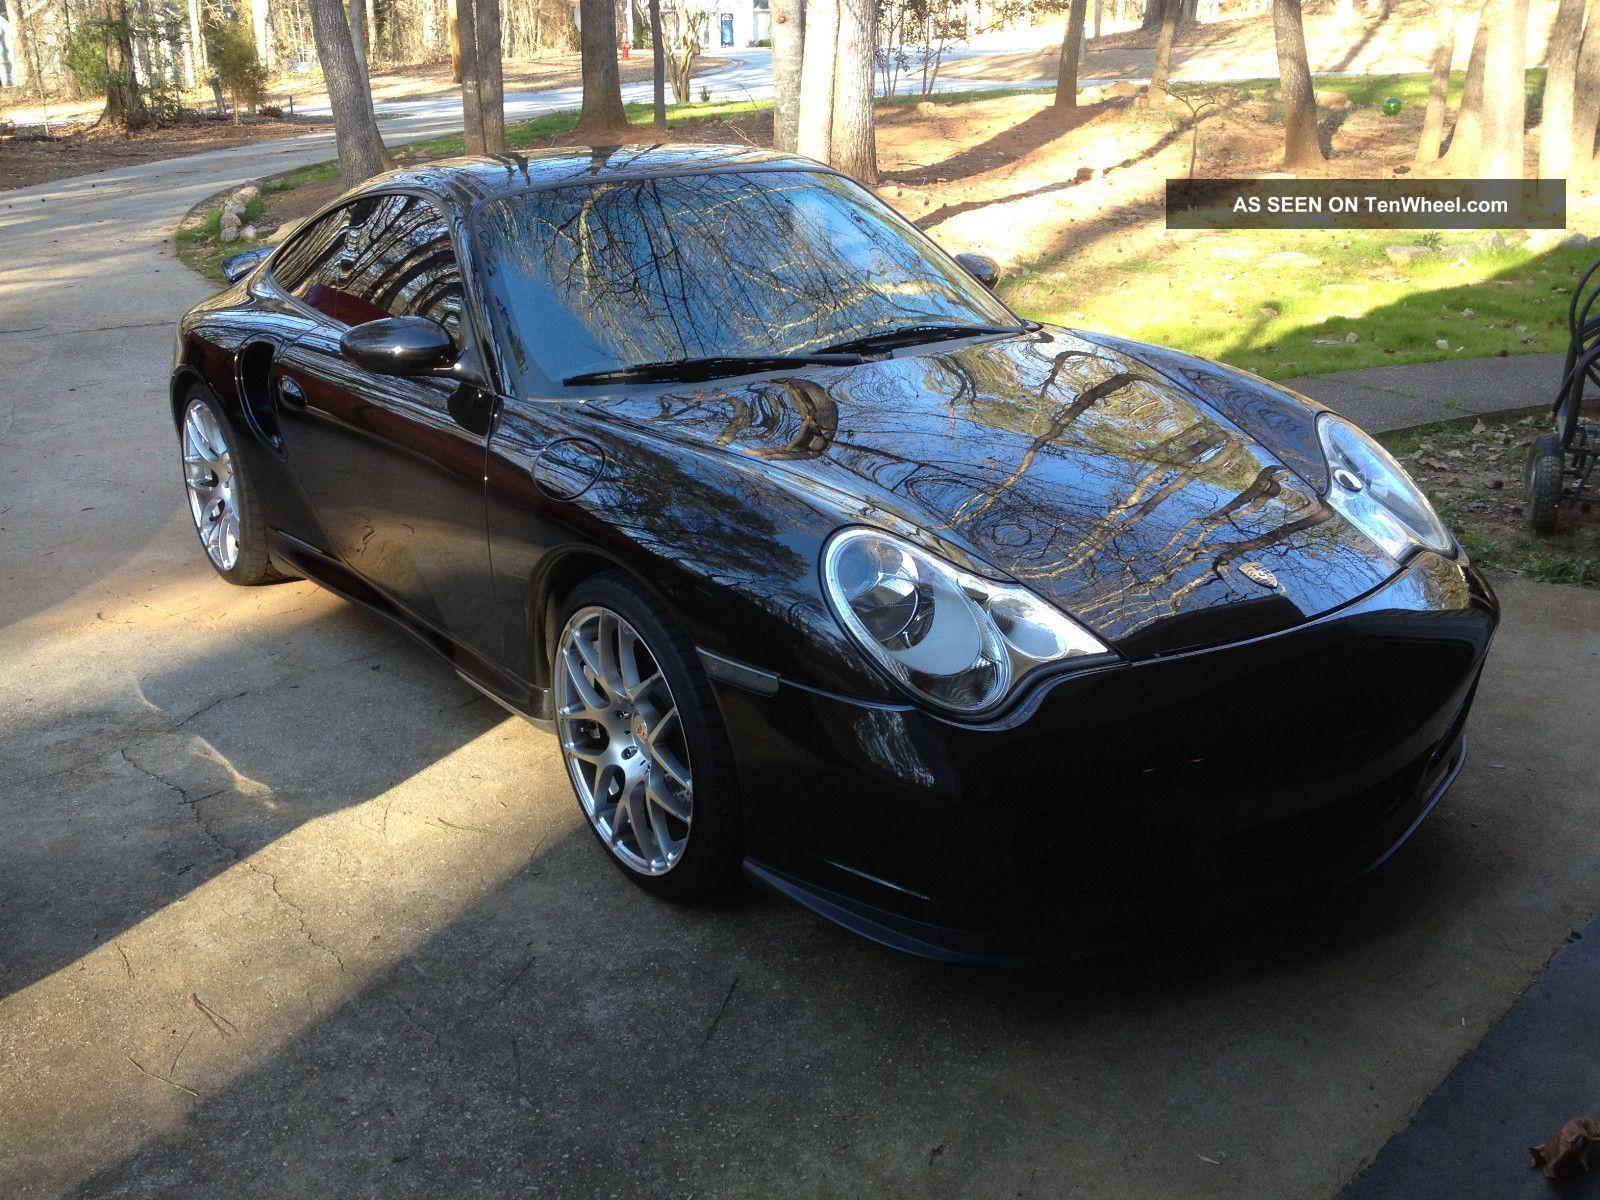 2002 Porsche 911 Turbo,  Porsche 911 Turbo,  Tiptronic,  Porsche,  911,  Turbo 911 photo